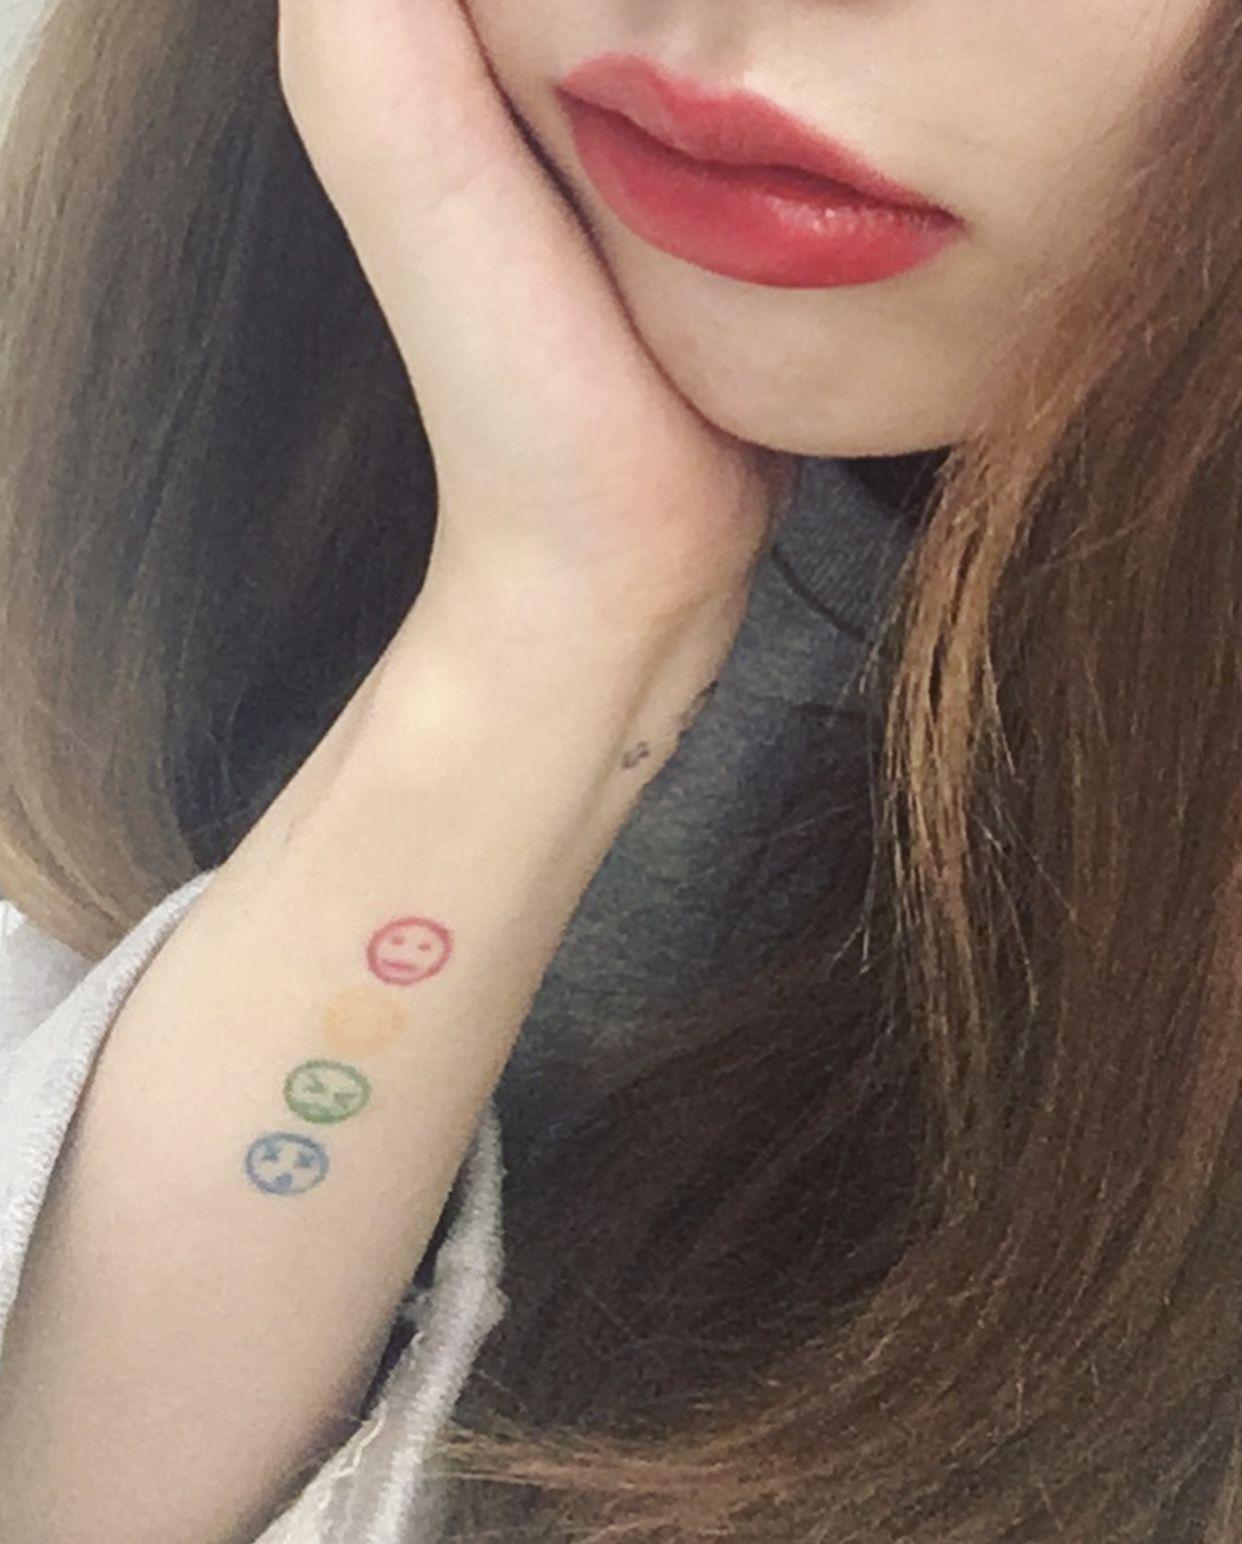 f6f86ba18 ˏˋpinterest: ohnuggets ˎˊ˗ 」 ♡   Tattoo   Korean tattoos, Wrist ...